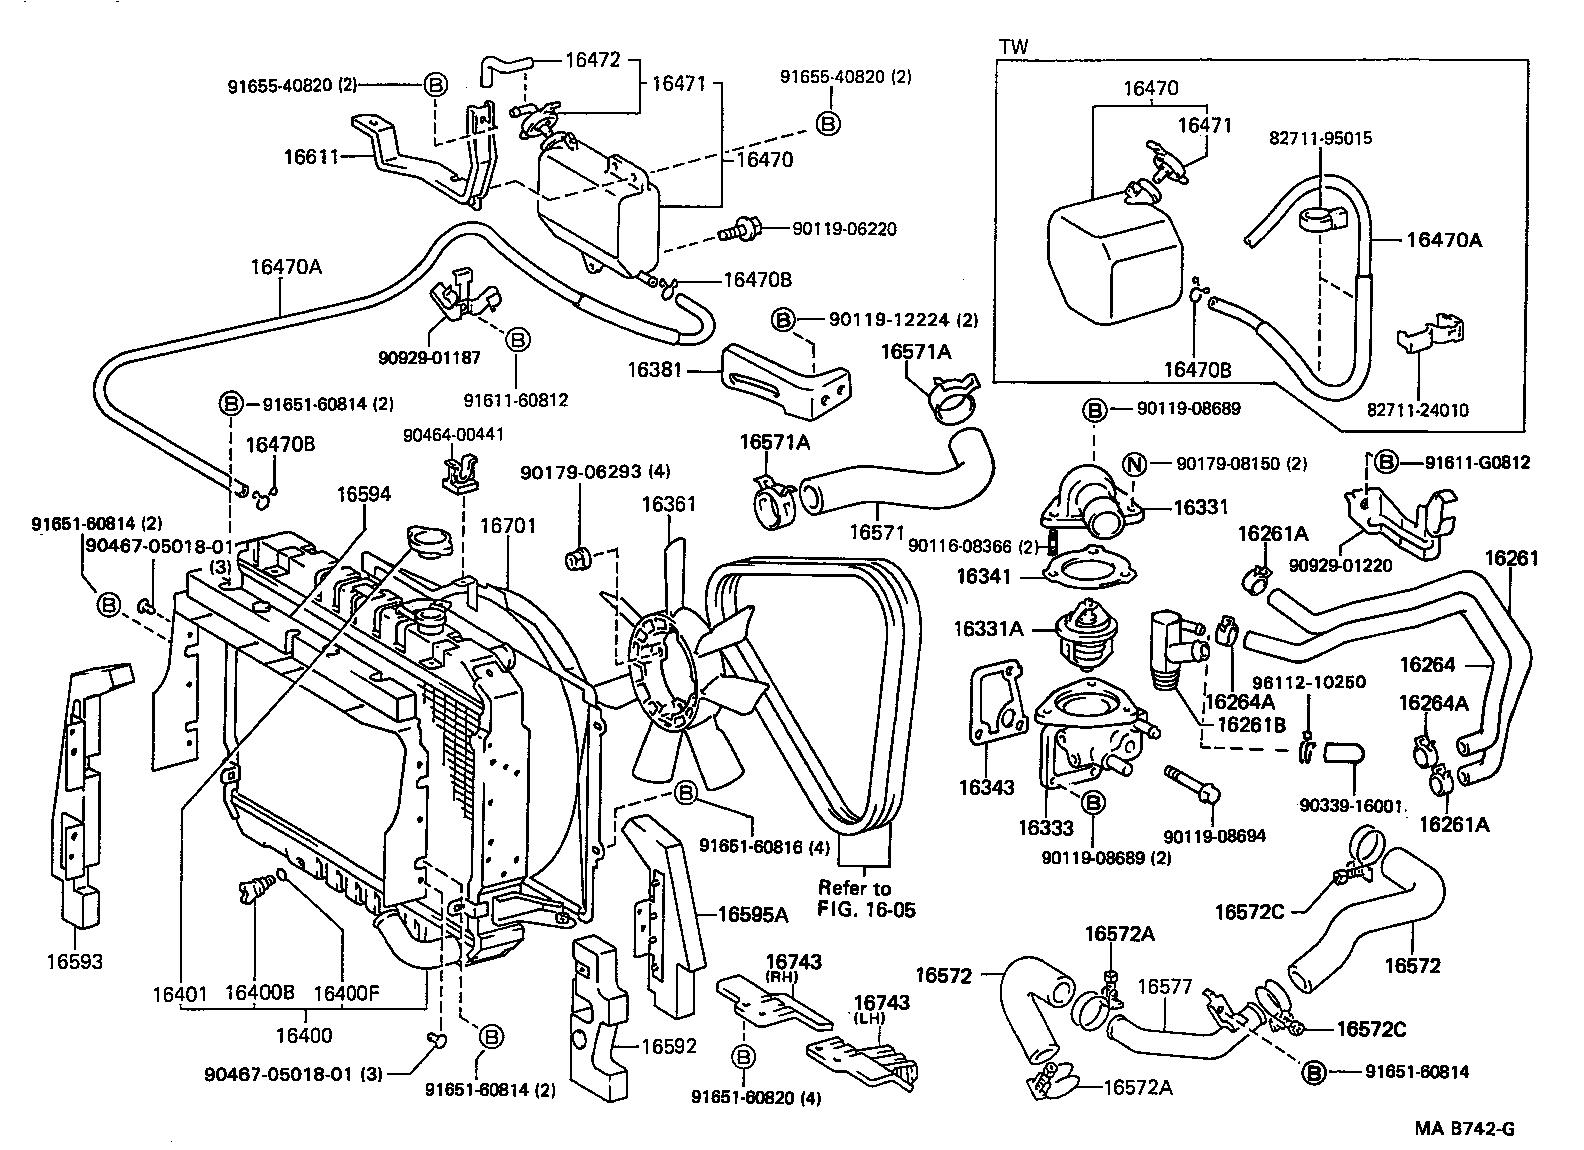 toyota dyna 100lh80r-mdb - tool-engine-fuel